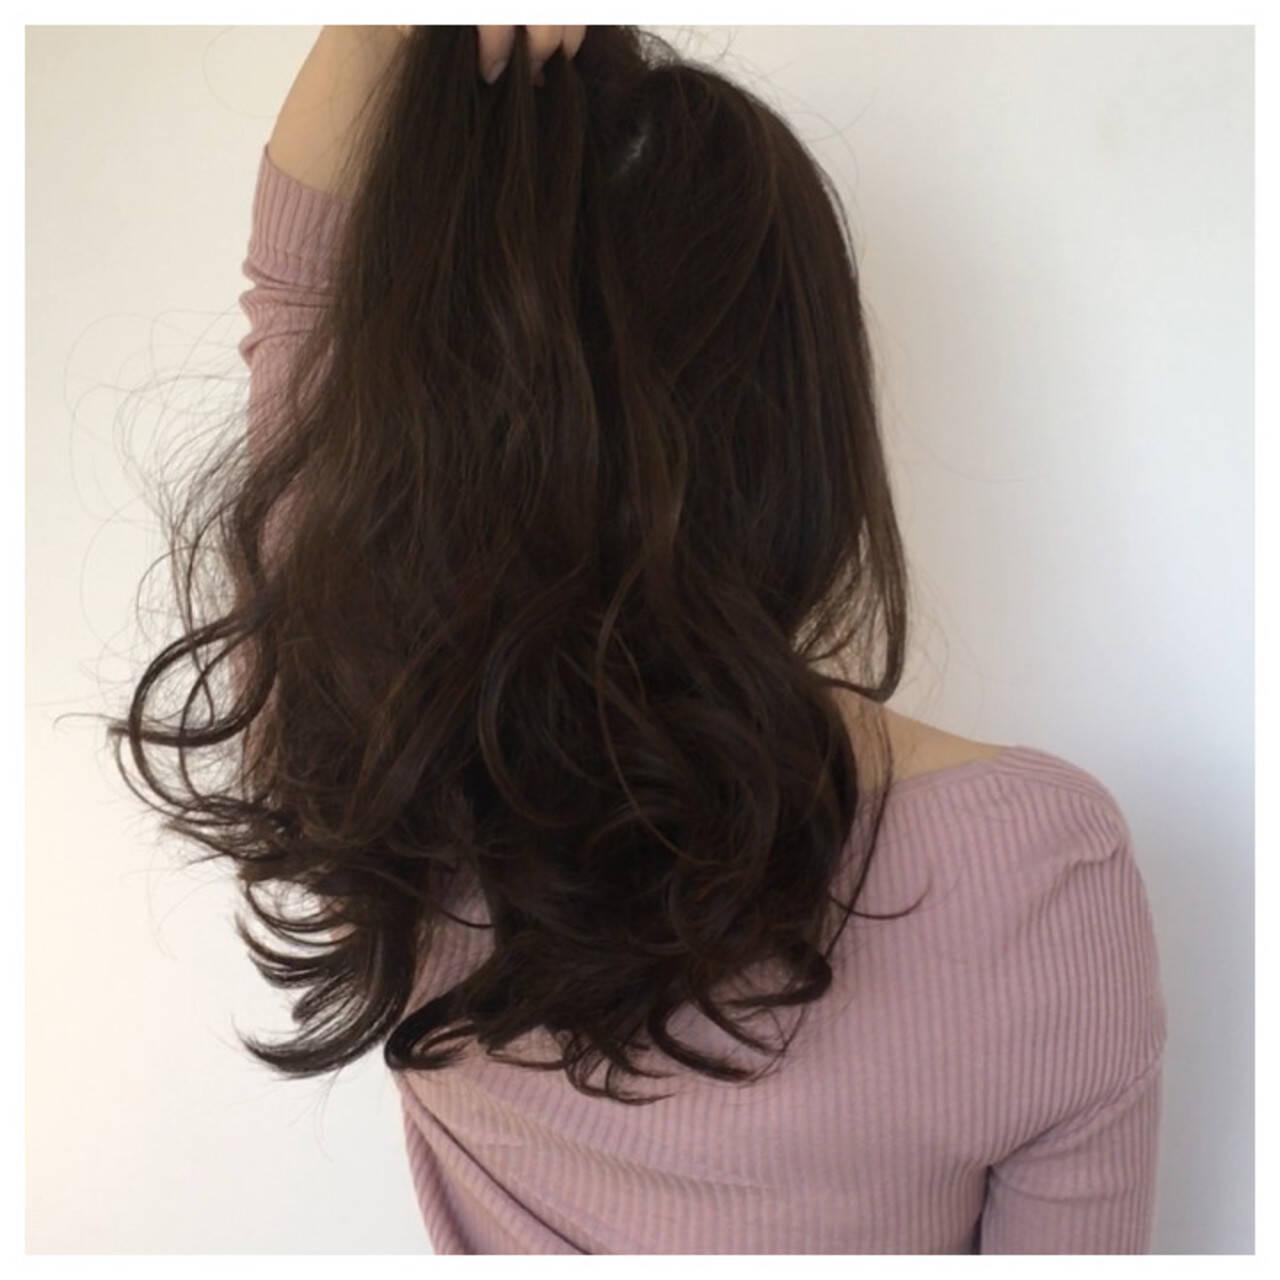 小顔 ロング ベージュ 大人女子ヘアスタイルや髪型の写真・画像